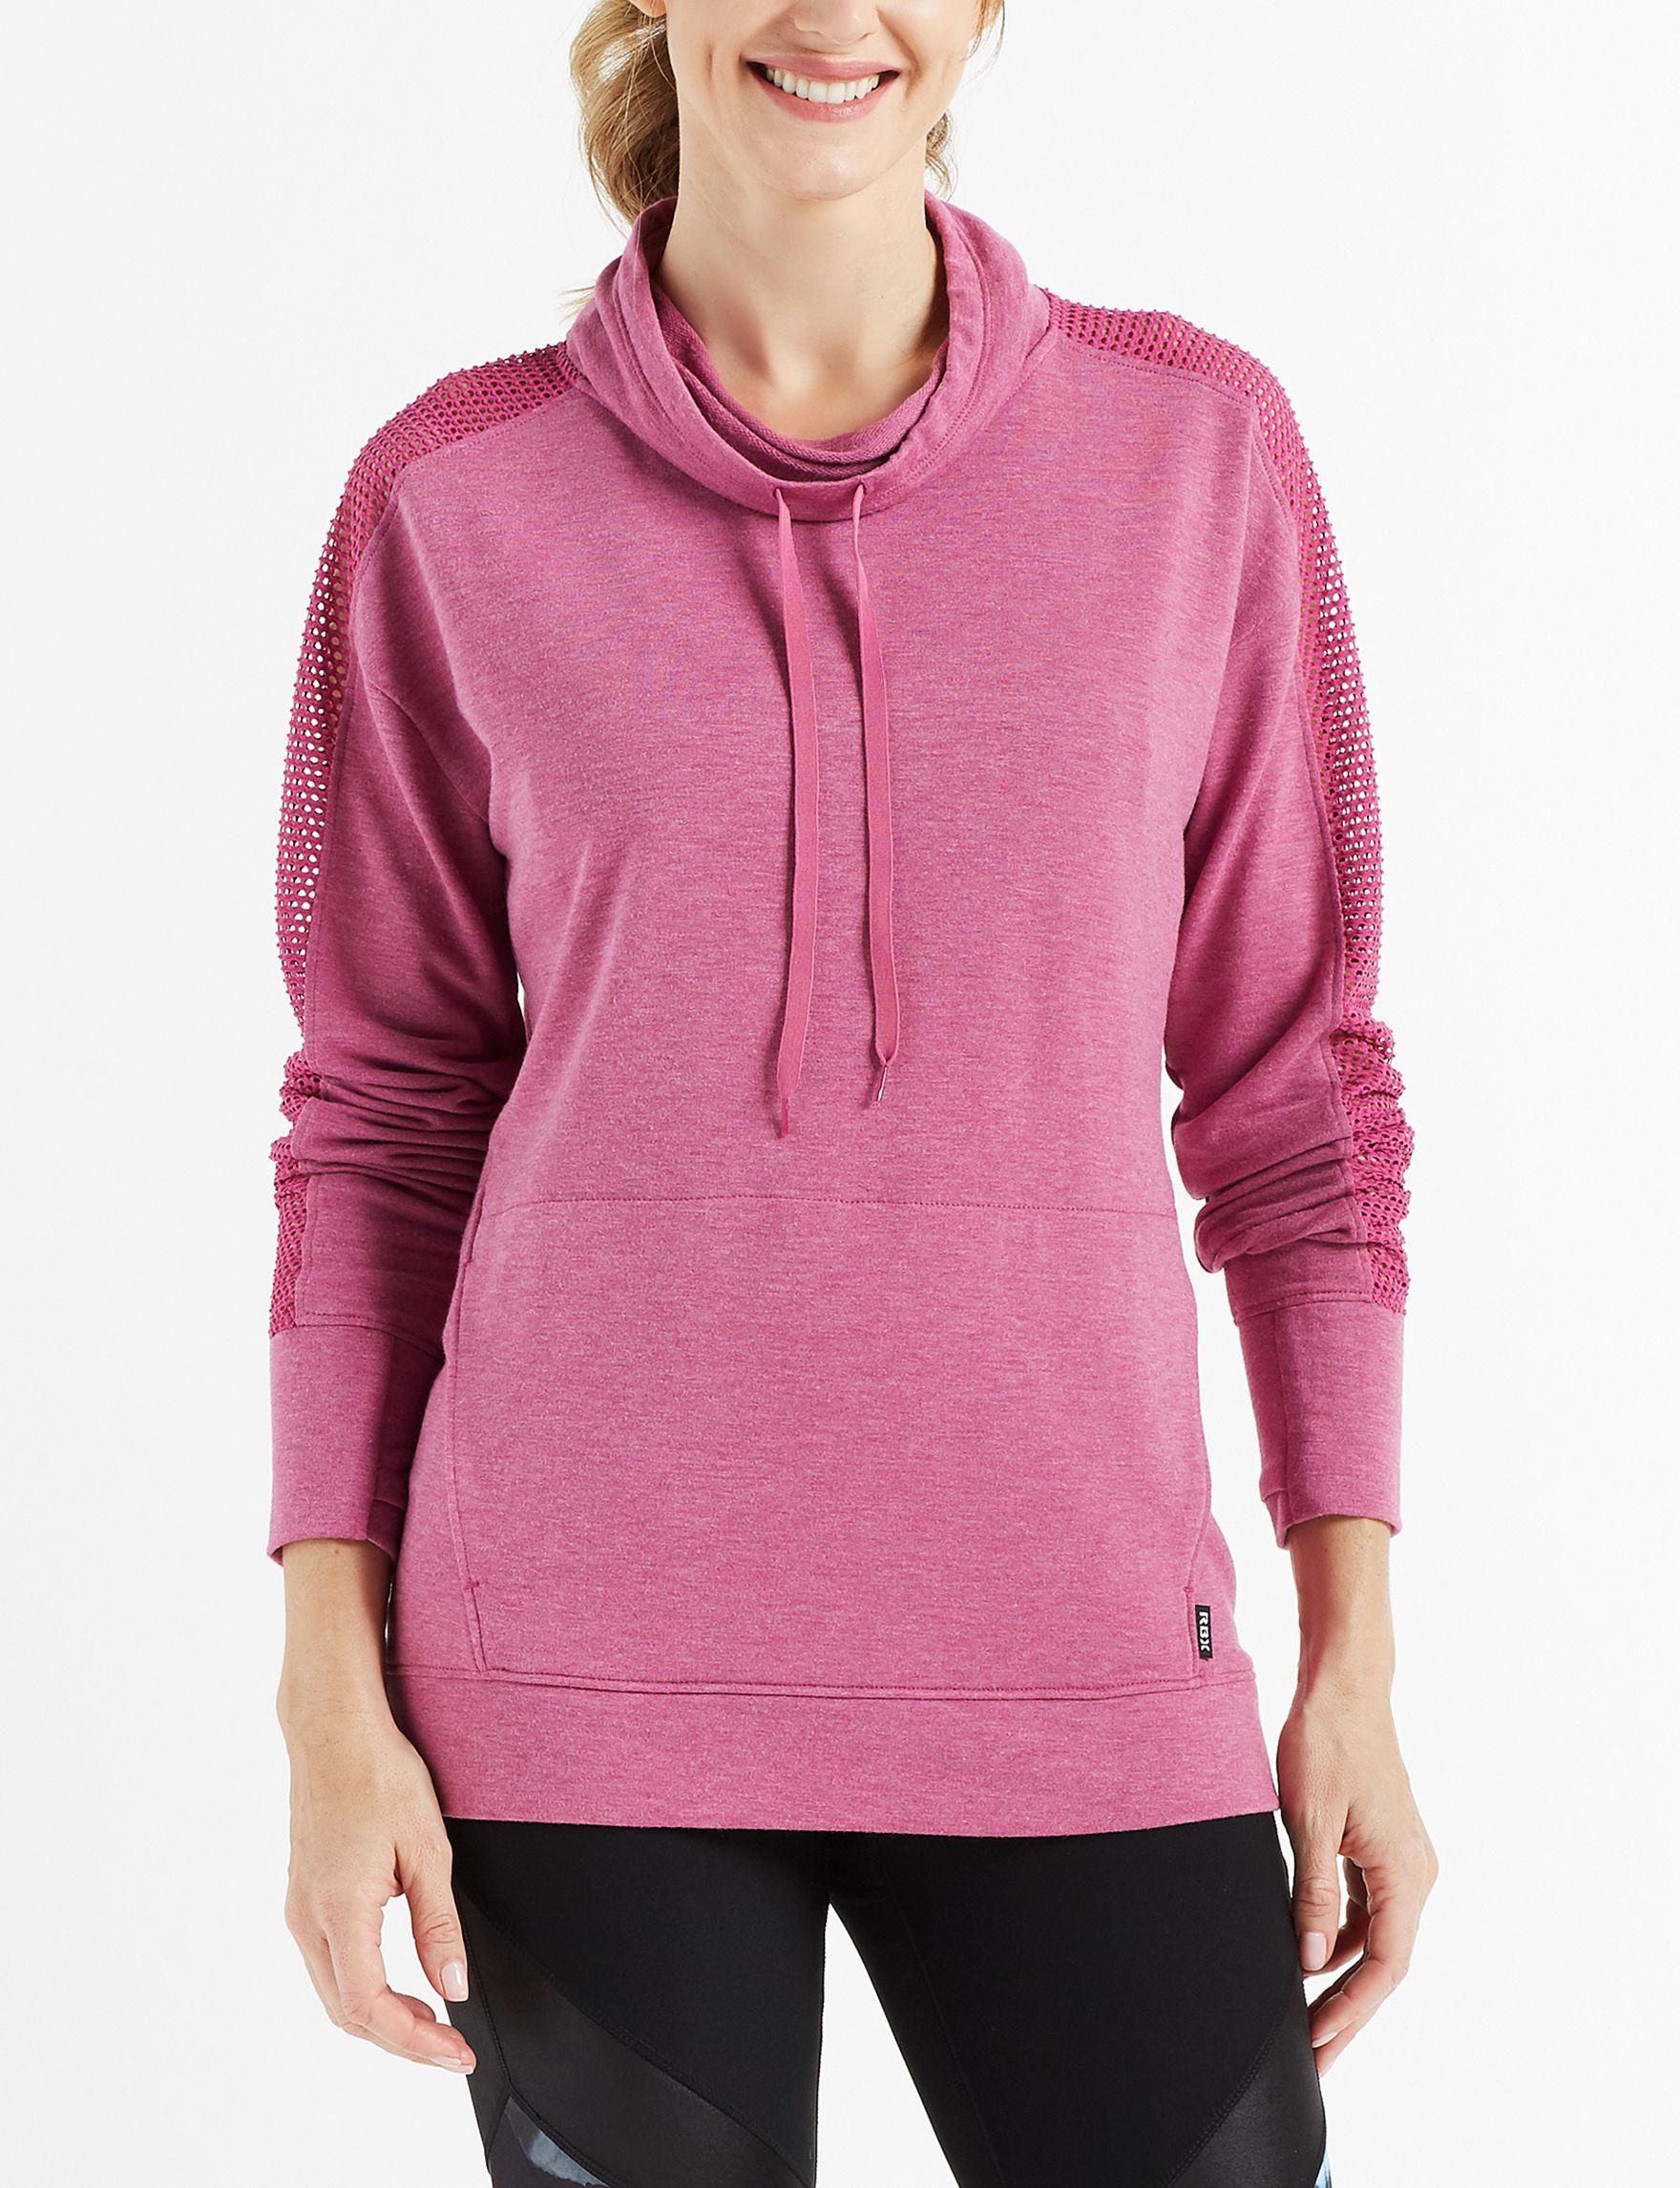 RBX Pink Tunics